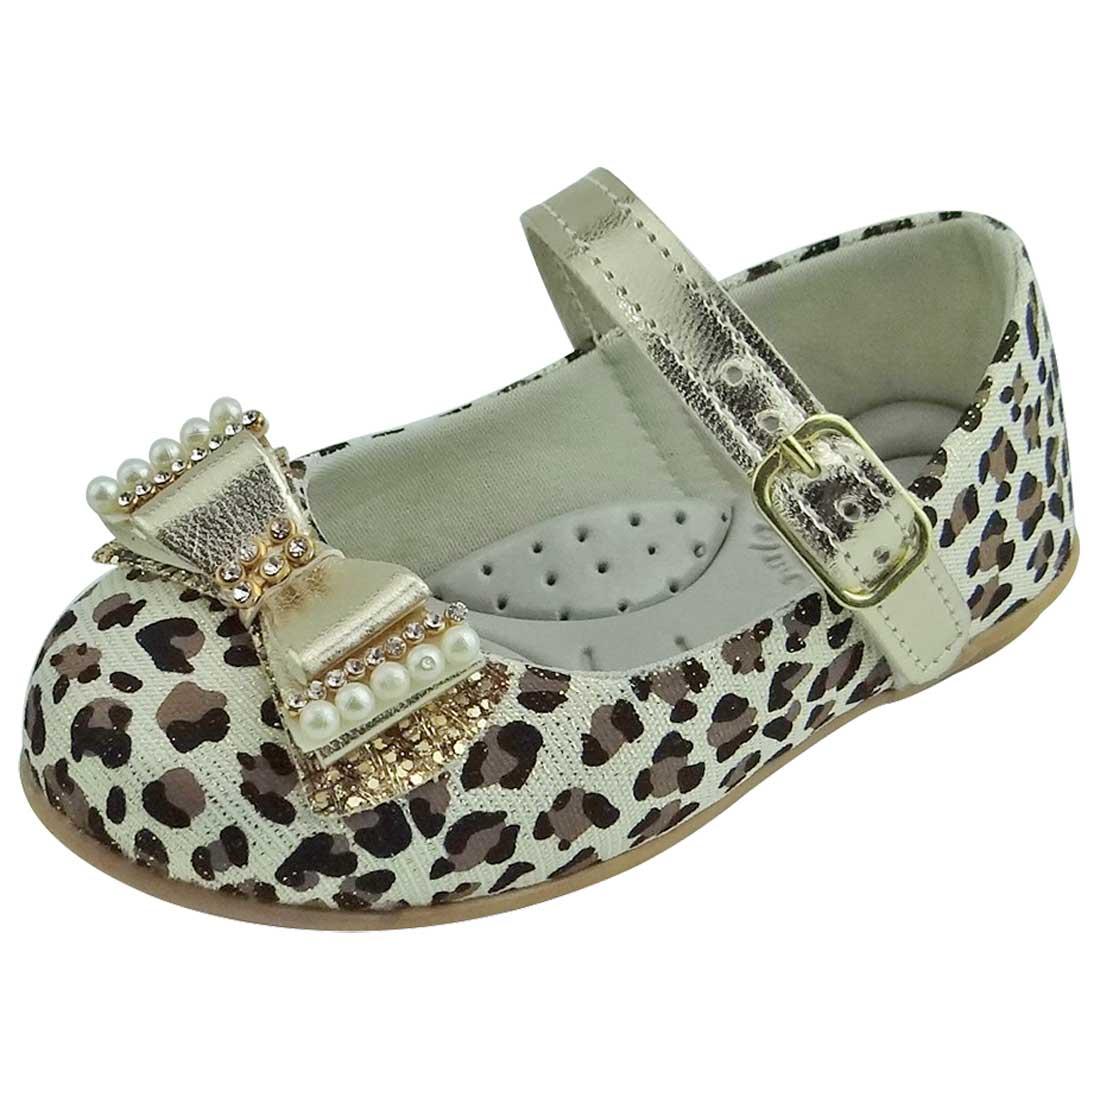 Sapato Boneca Baby com Laço, Strass e Pérola - Onça